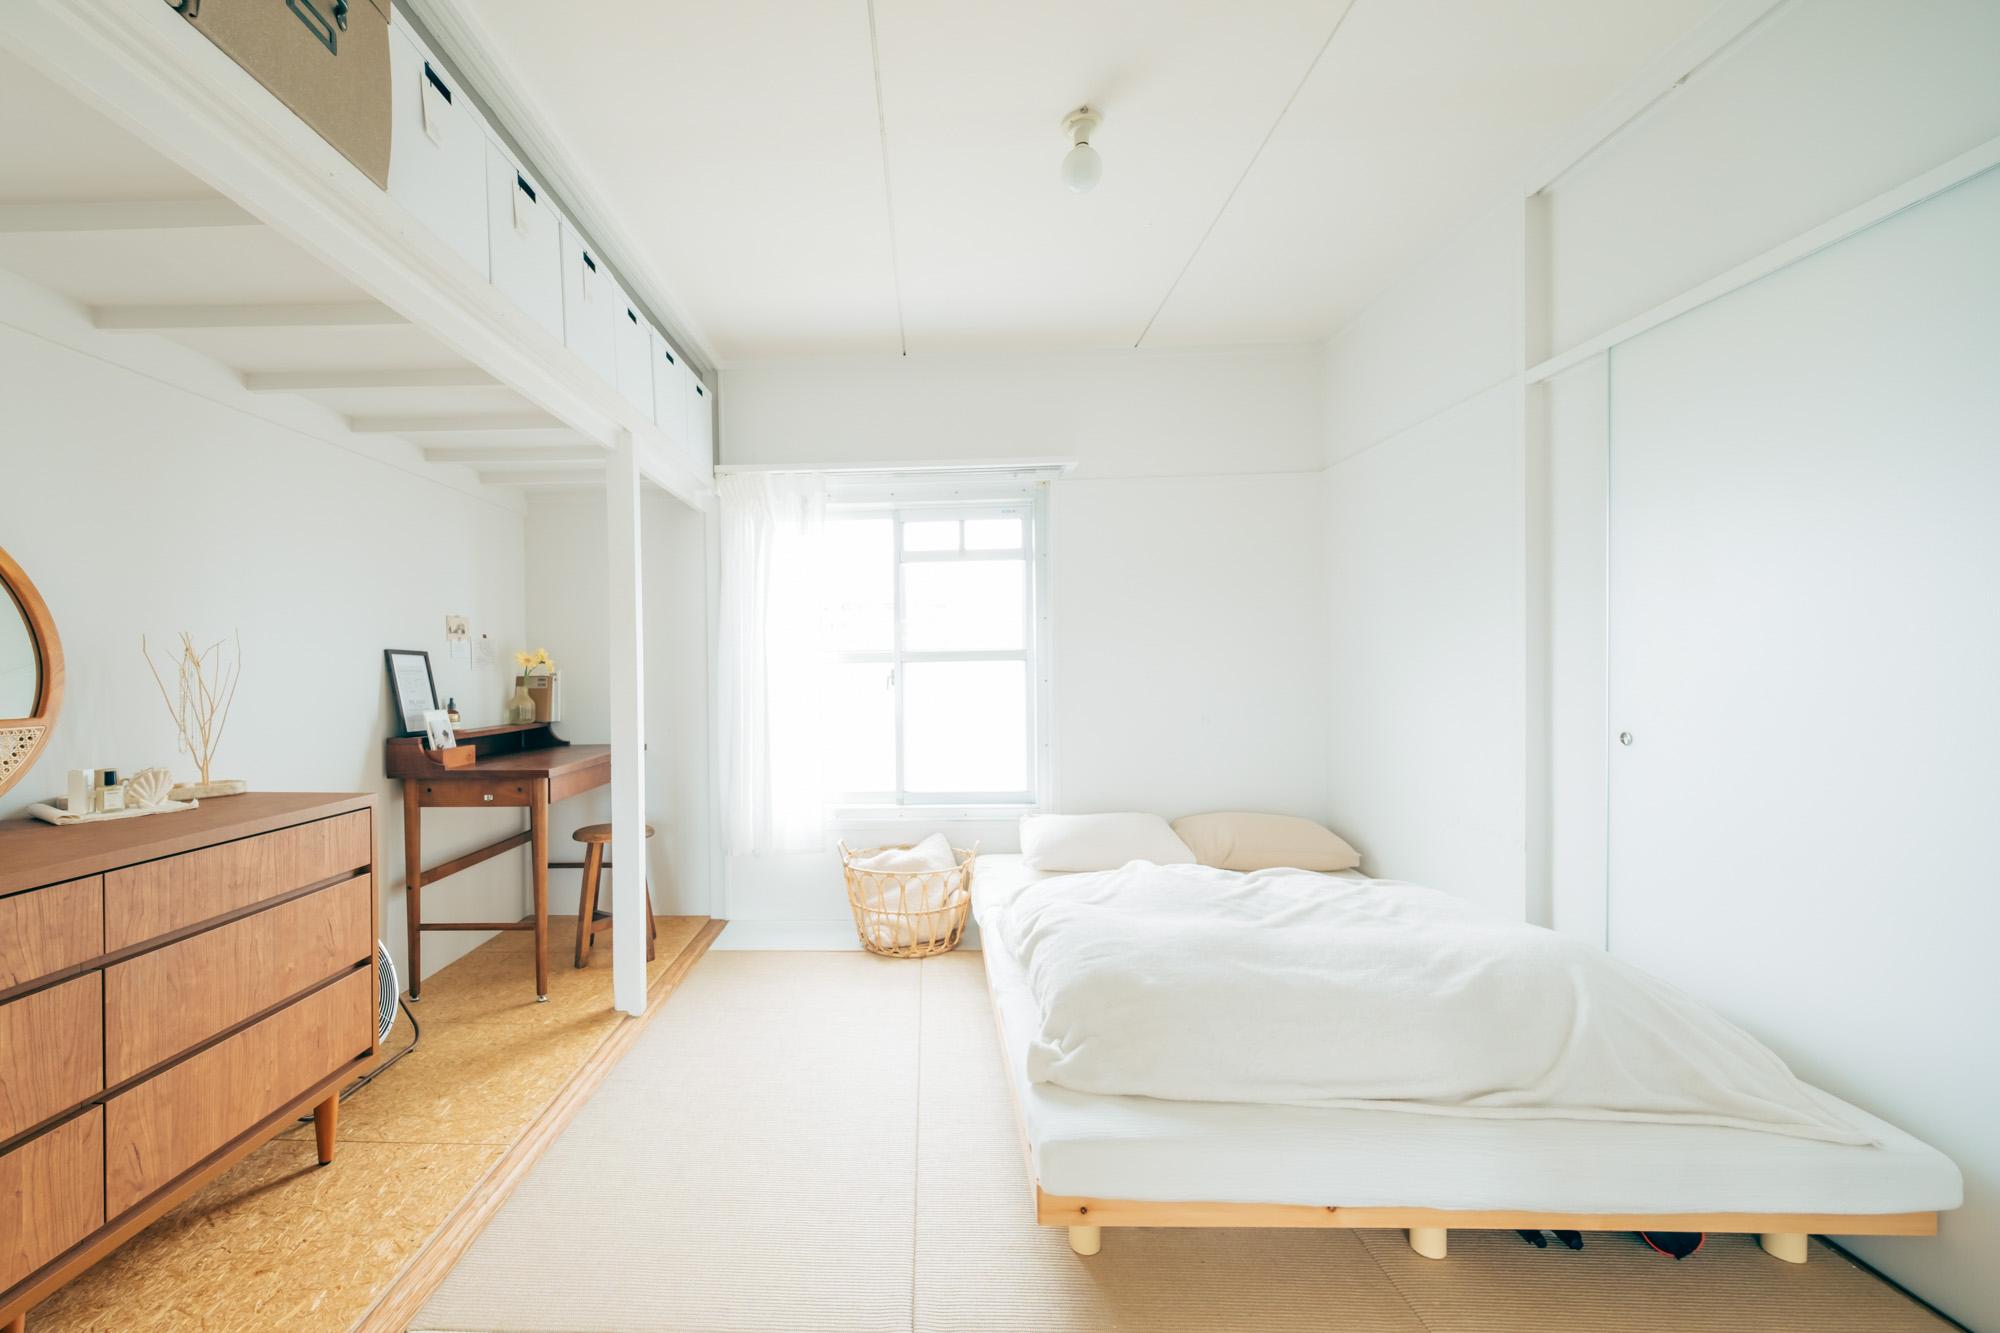 ダイニング・キッチンの隣の仕切りのない6畳のお部屋には、ベッドを置いて寝室兼リビングとして使われているお二人。